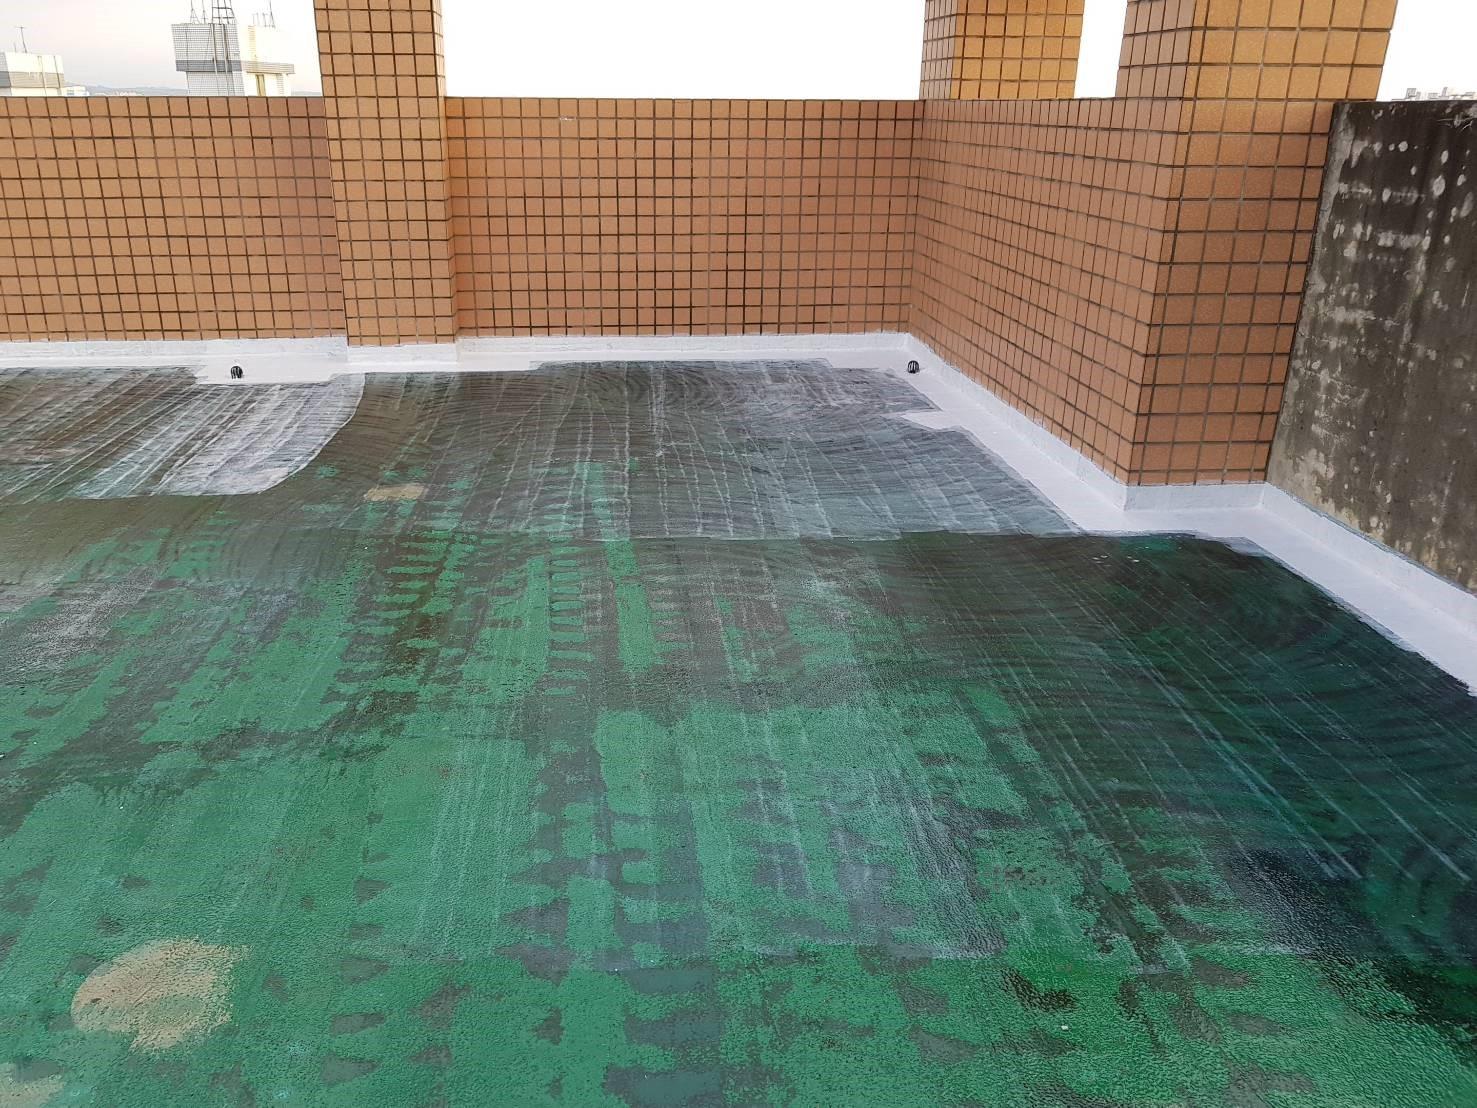 某社區大樓頂樓施作FRP- R腳玻璃纖維施作